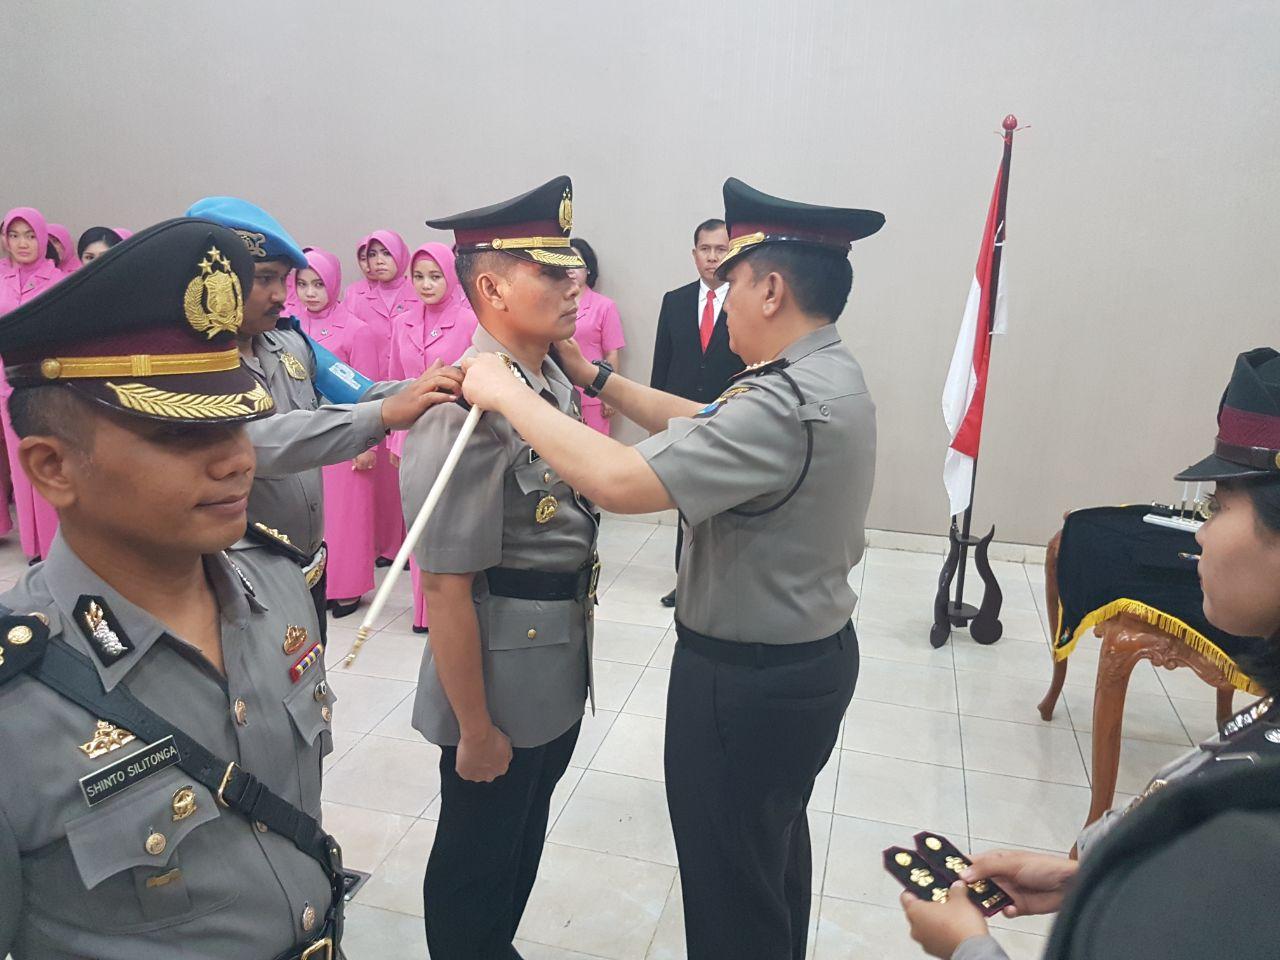 Kapolrestabes Surabaya Resmi Lantik Kasat Reskrim Yang Baru